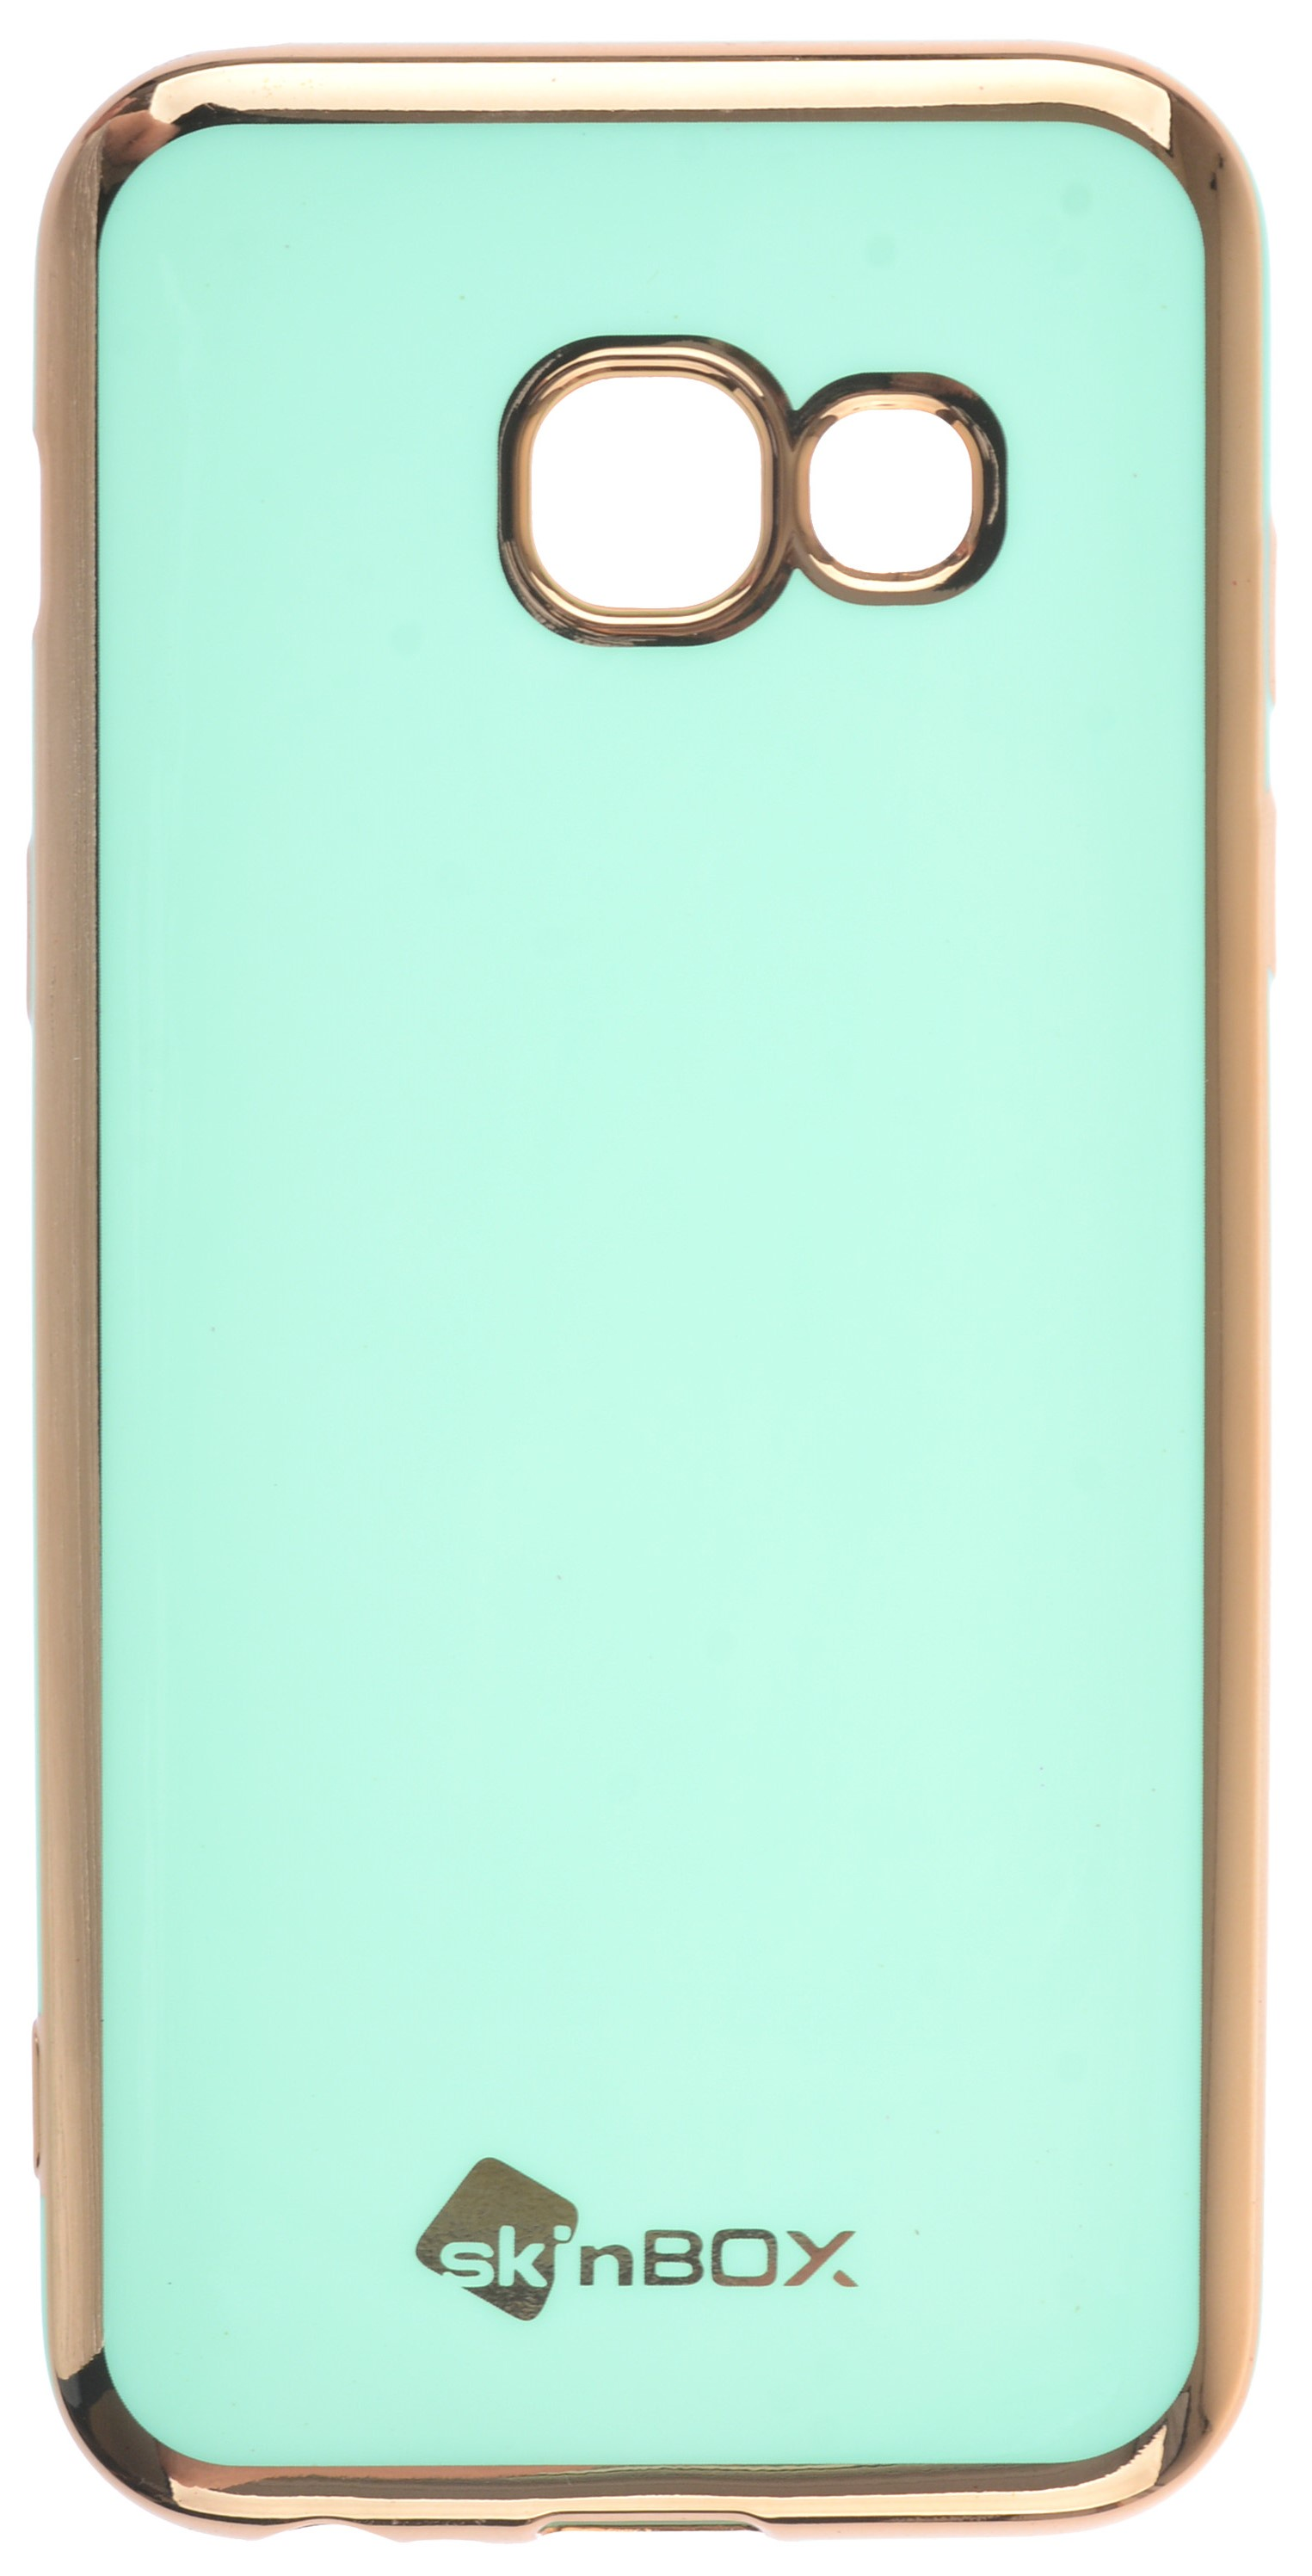 Чехол для сотового телефона skinBOX slim silicone color, 4660041408843, бирюзовый